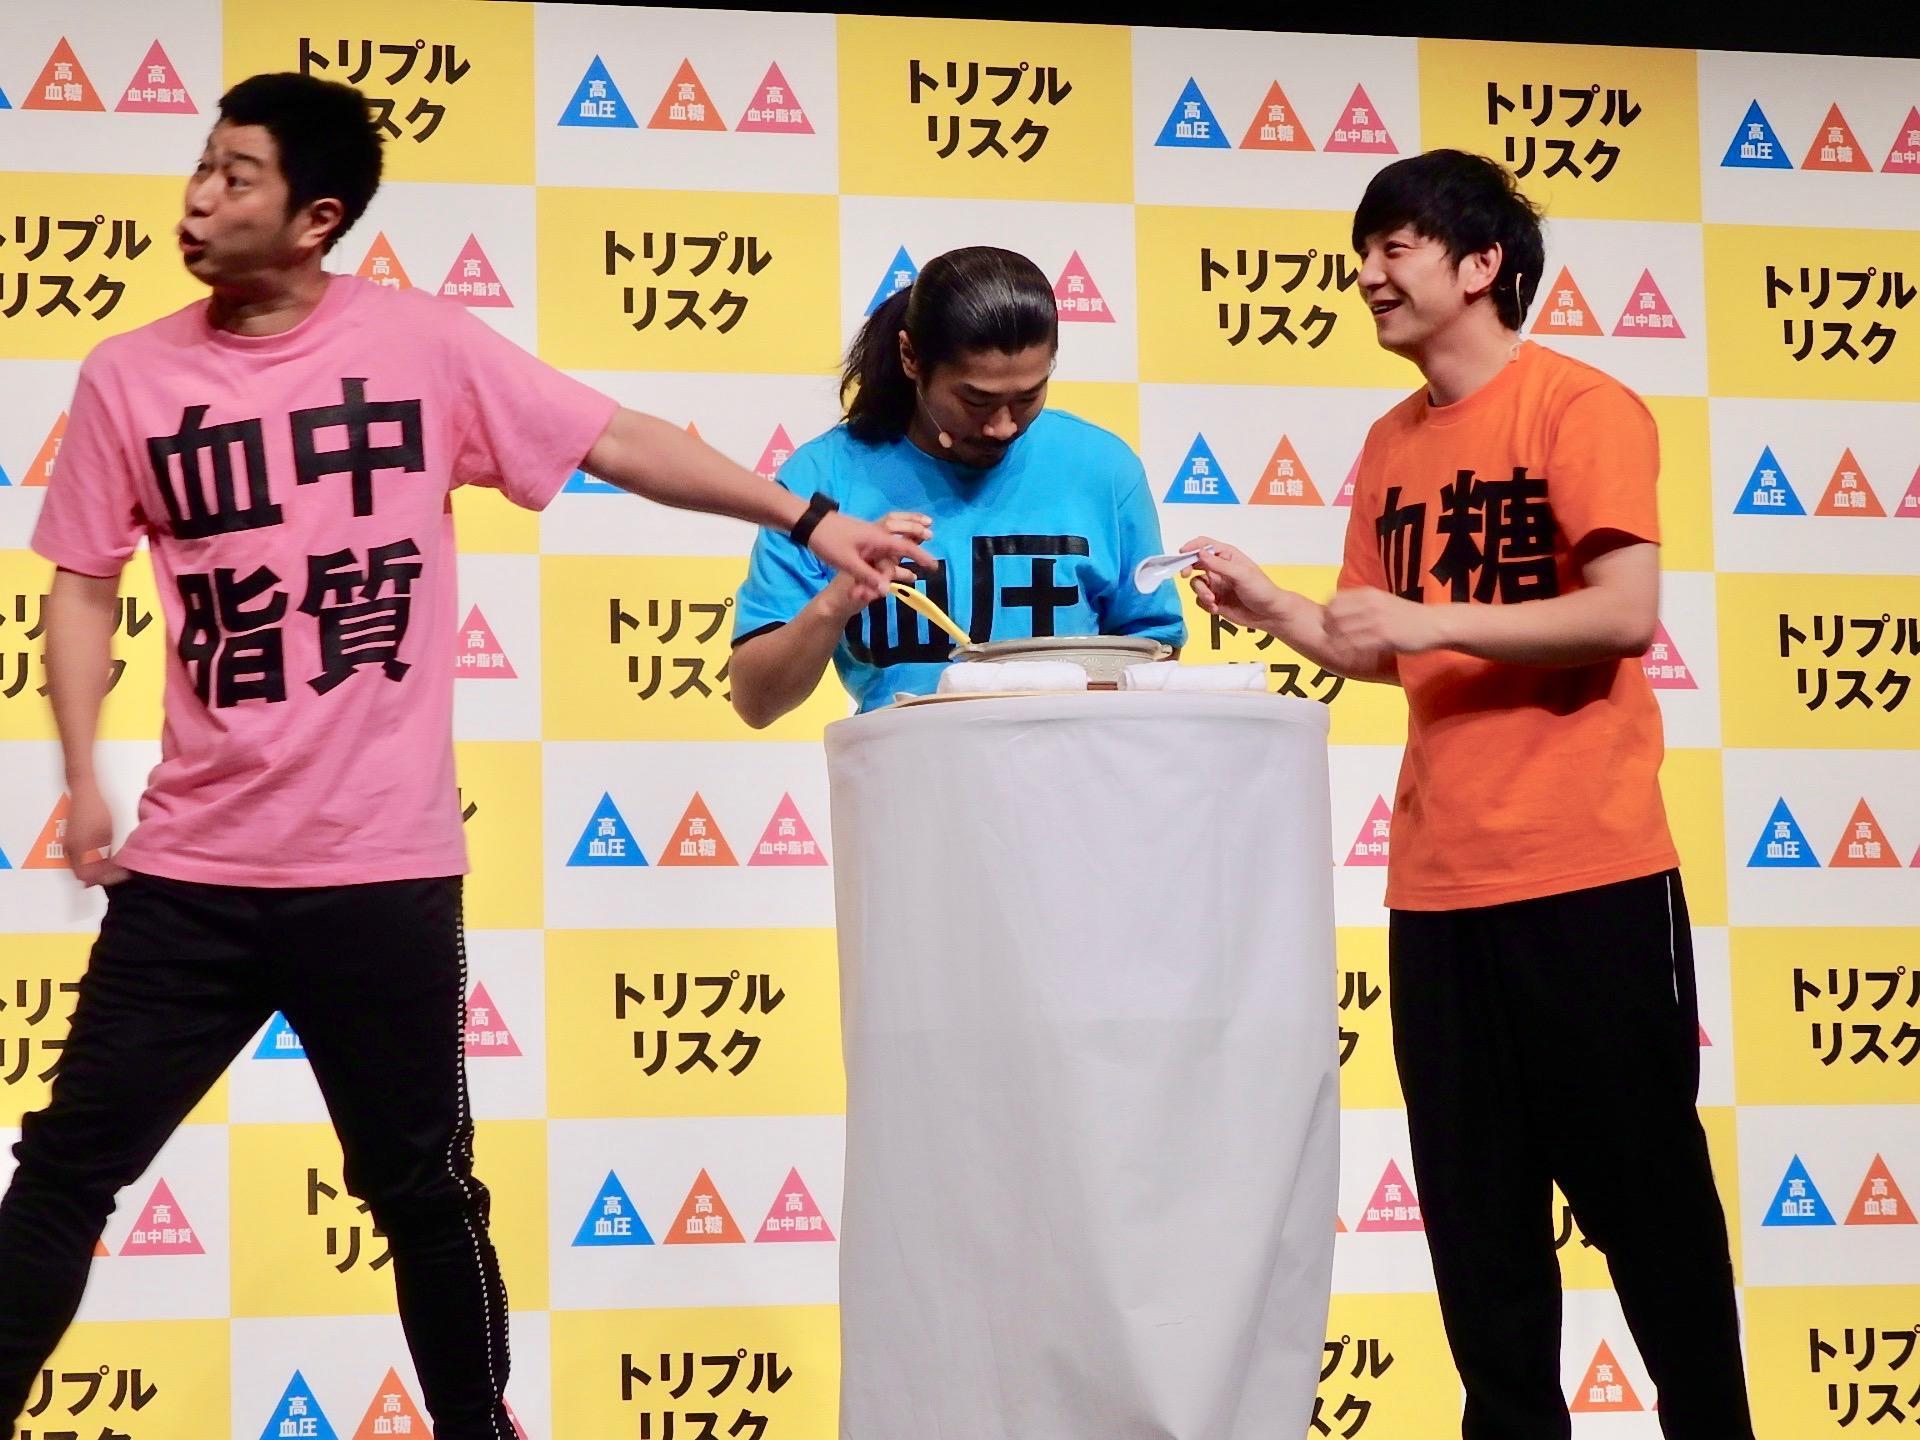 http://news.yoshimoto.co.jp/20180227231407-69c17e52f1bdd2d7e1a8070a067acec098af2951.jpg